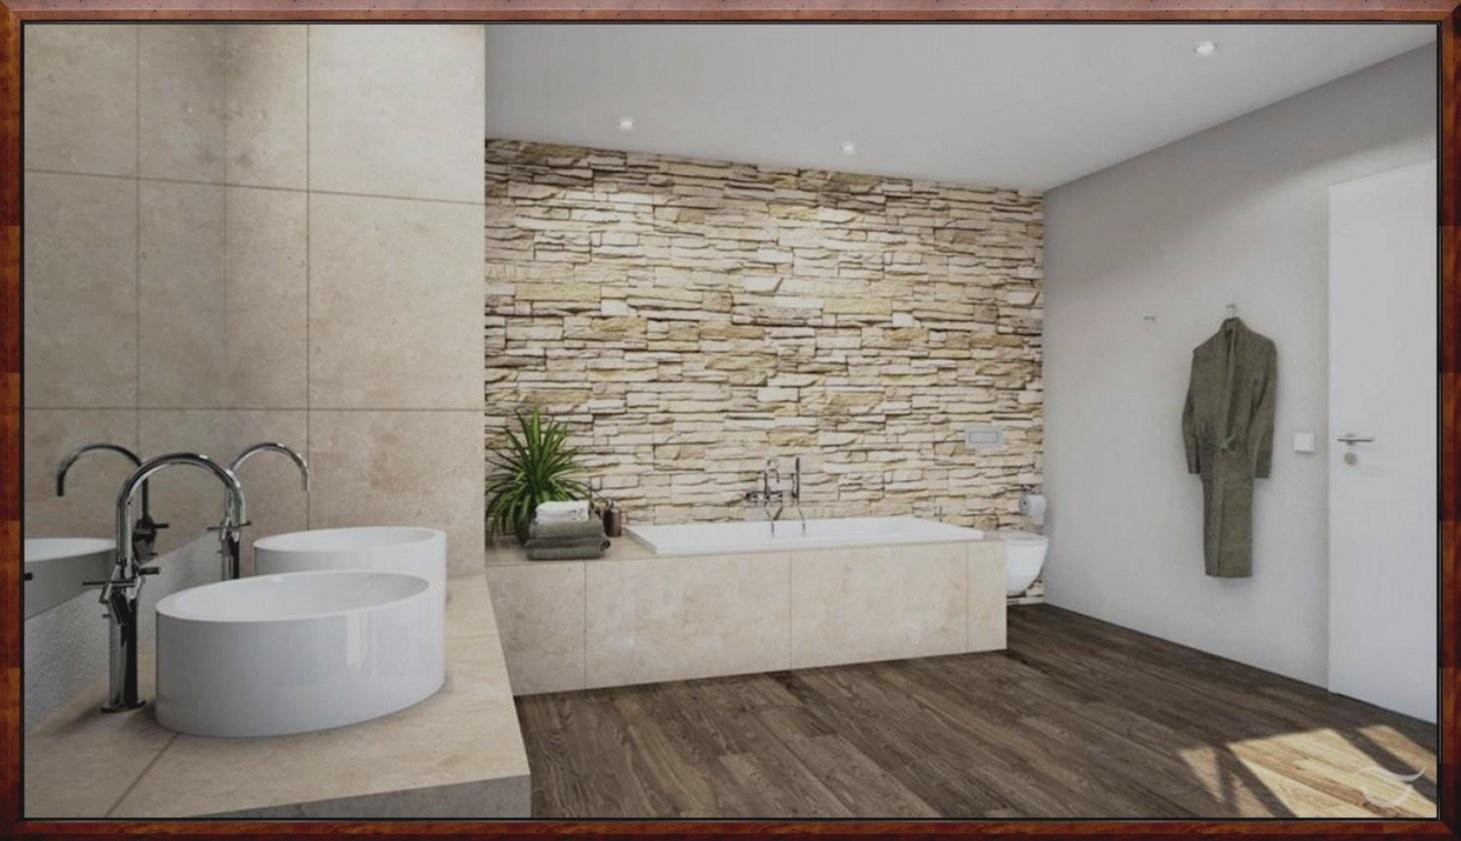 Bilder Von Moderne Badezimmer Fliesen Beige Bad Thand Info von Moderne Badezimmer Fliesen Beige Bild